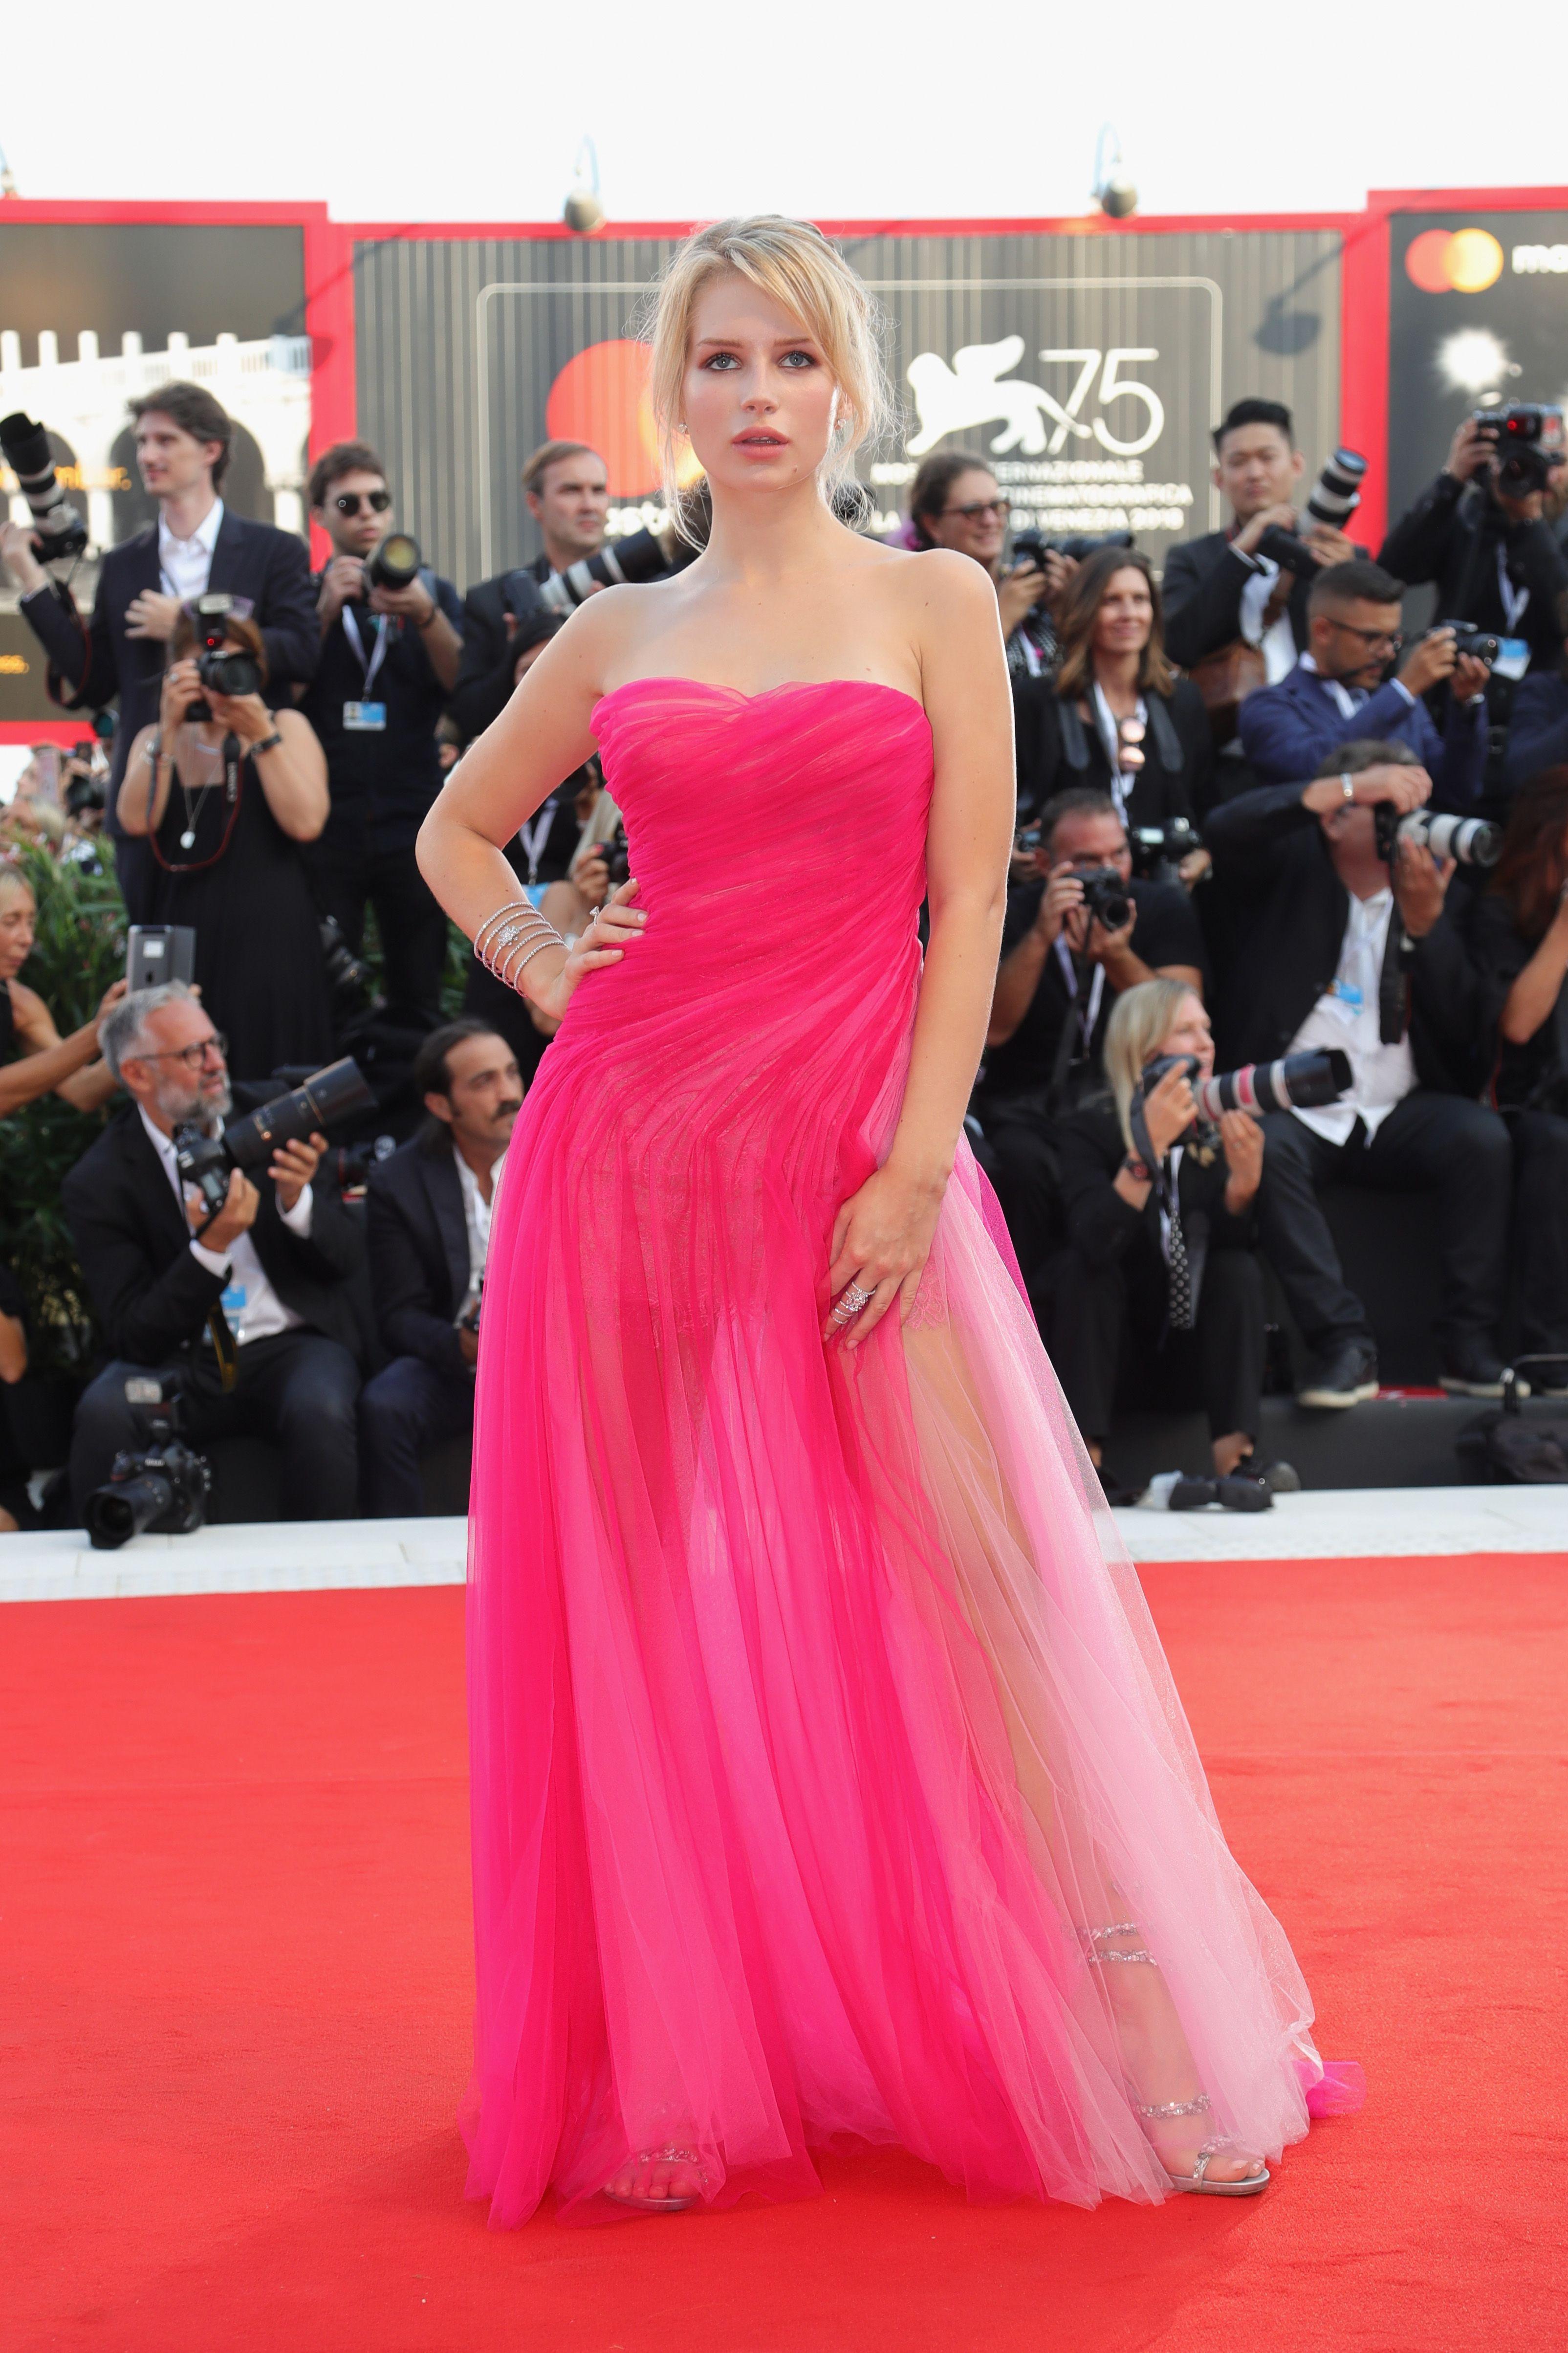 Festival de cine de Venecia: Los looks de la gala de inauguración ...